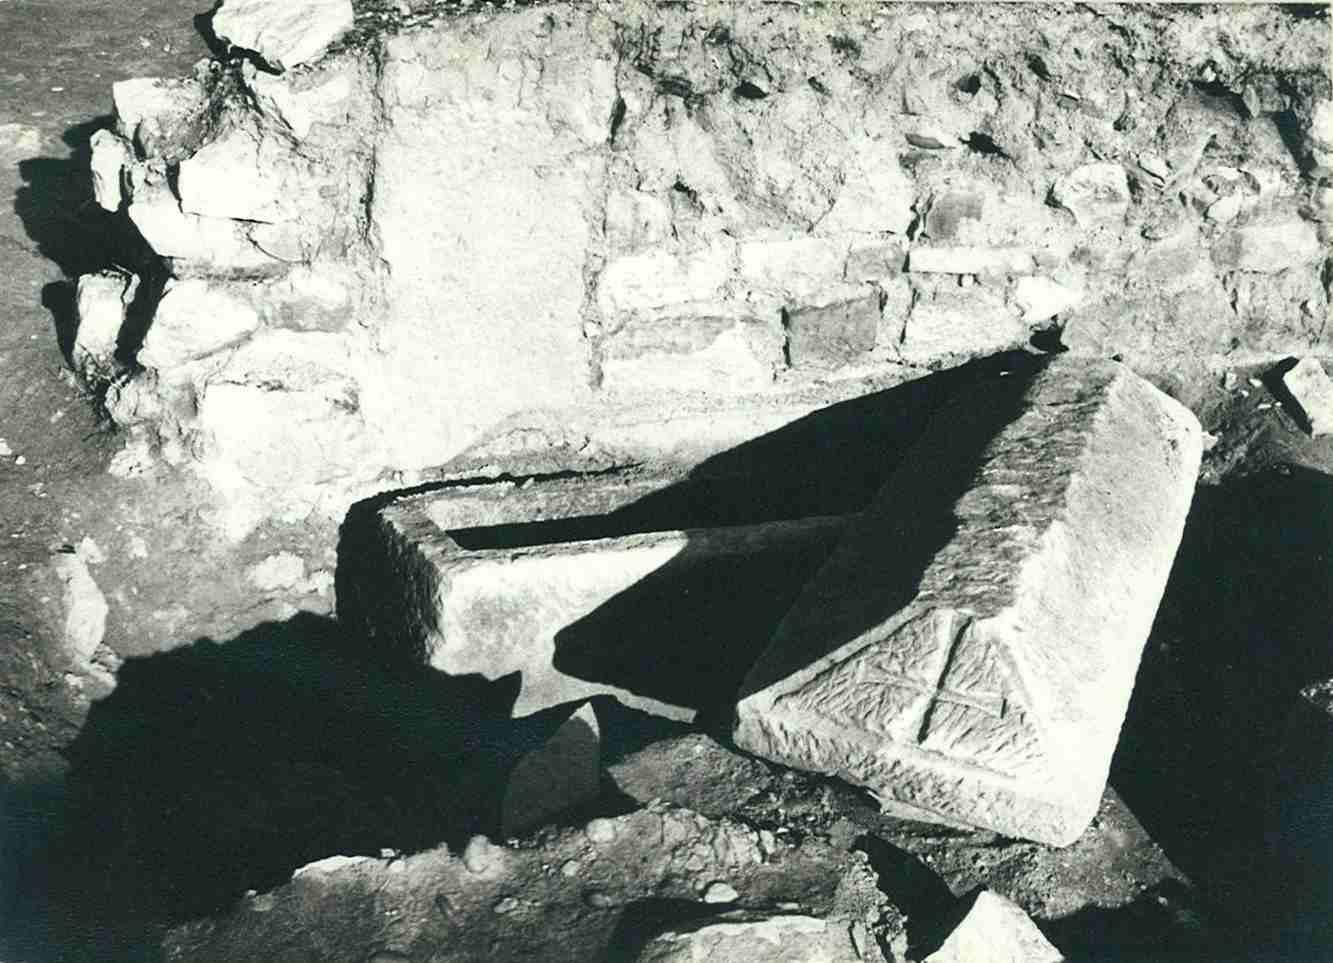 Sarcòfag amb una creu gravada al frontis oest de la coberta, prop de la porta sud del temple d'El Bovalar